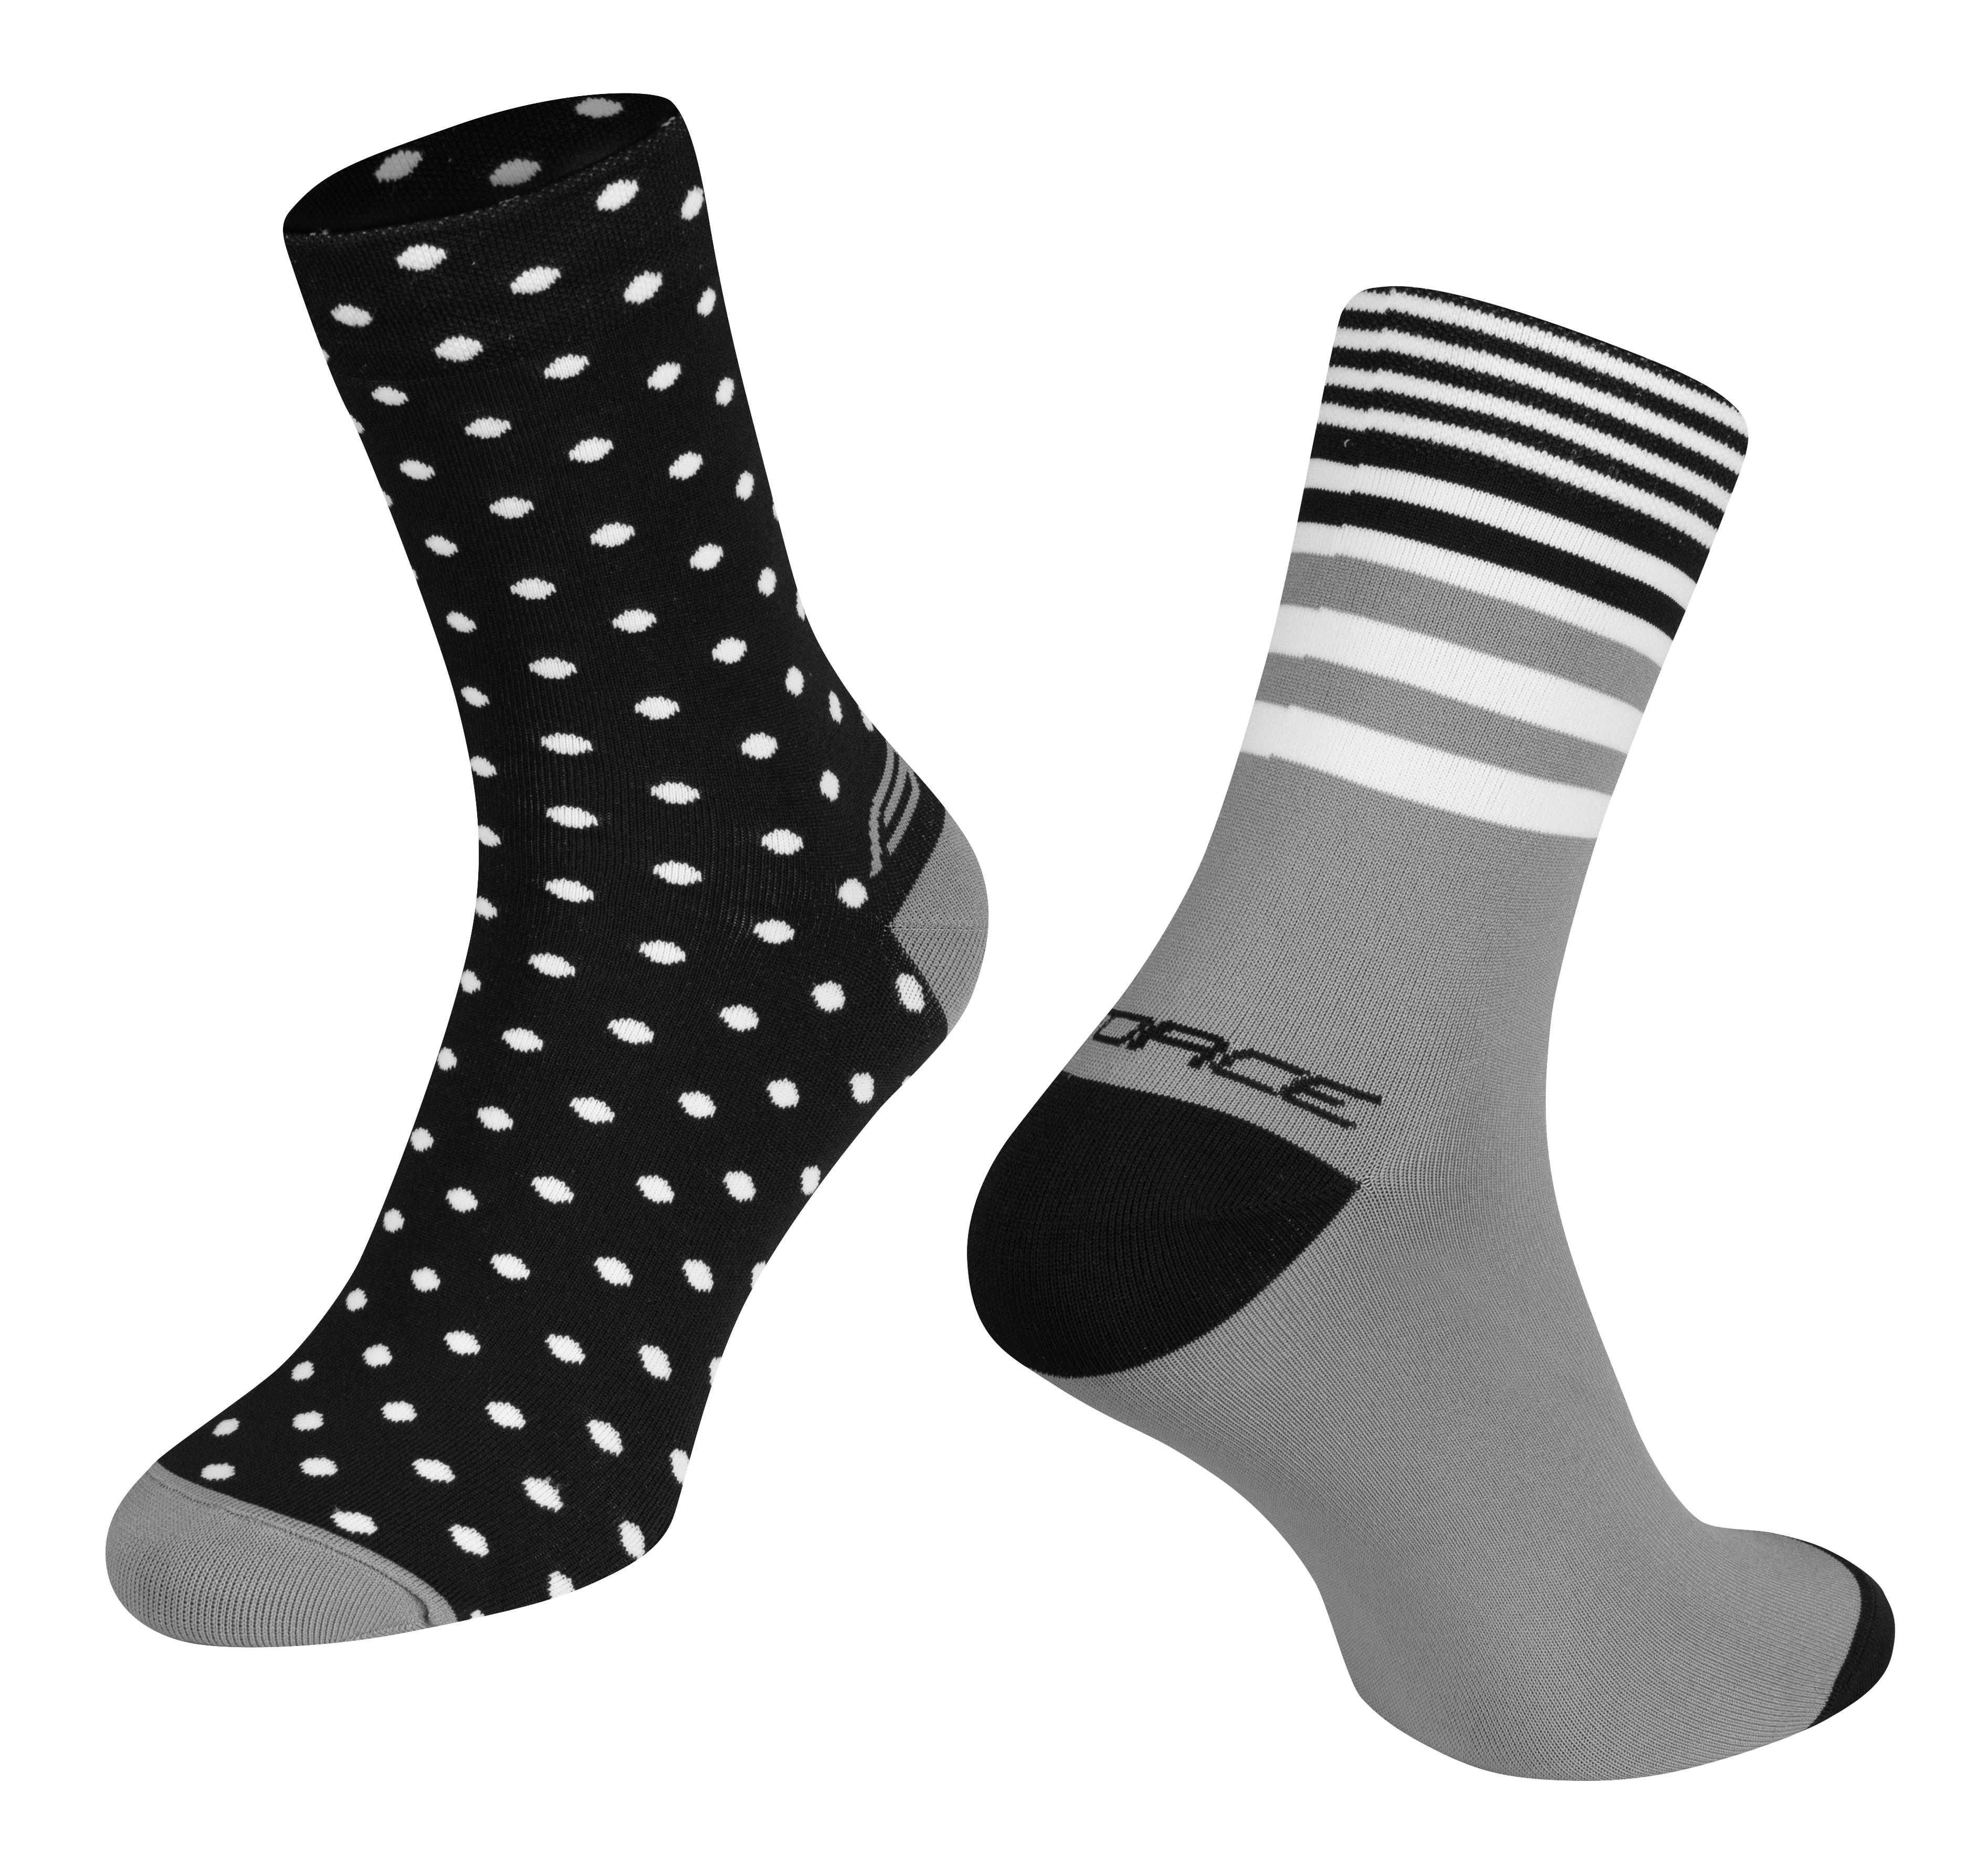 ponožky FORCE SPOT, černo-šedé L-XL/42-46